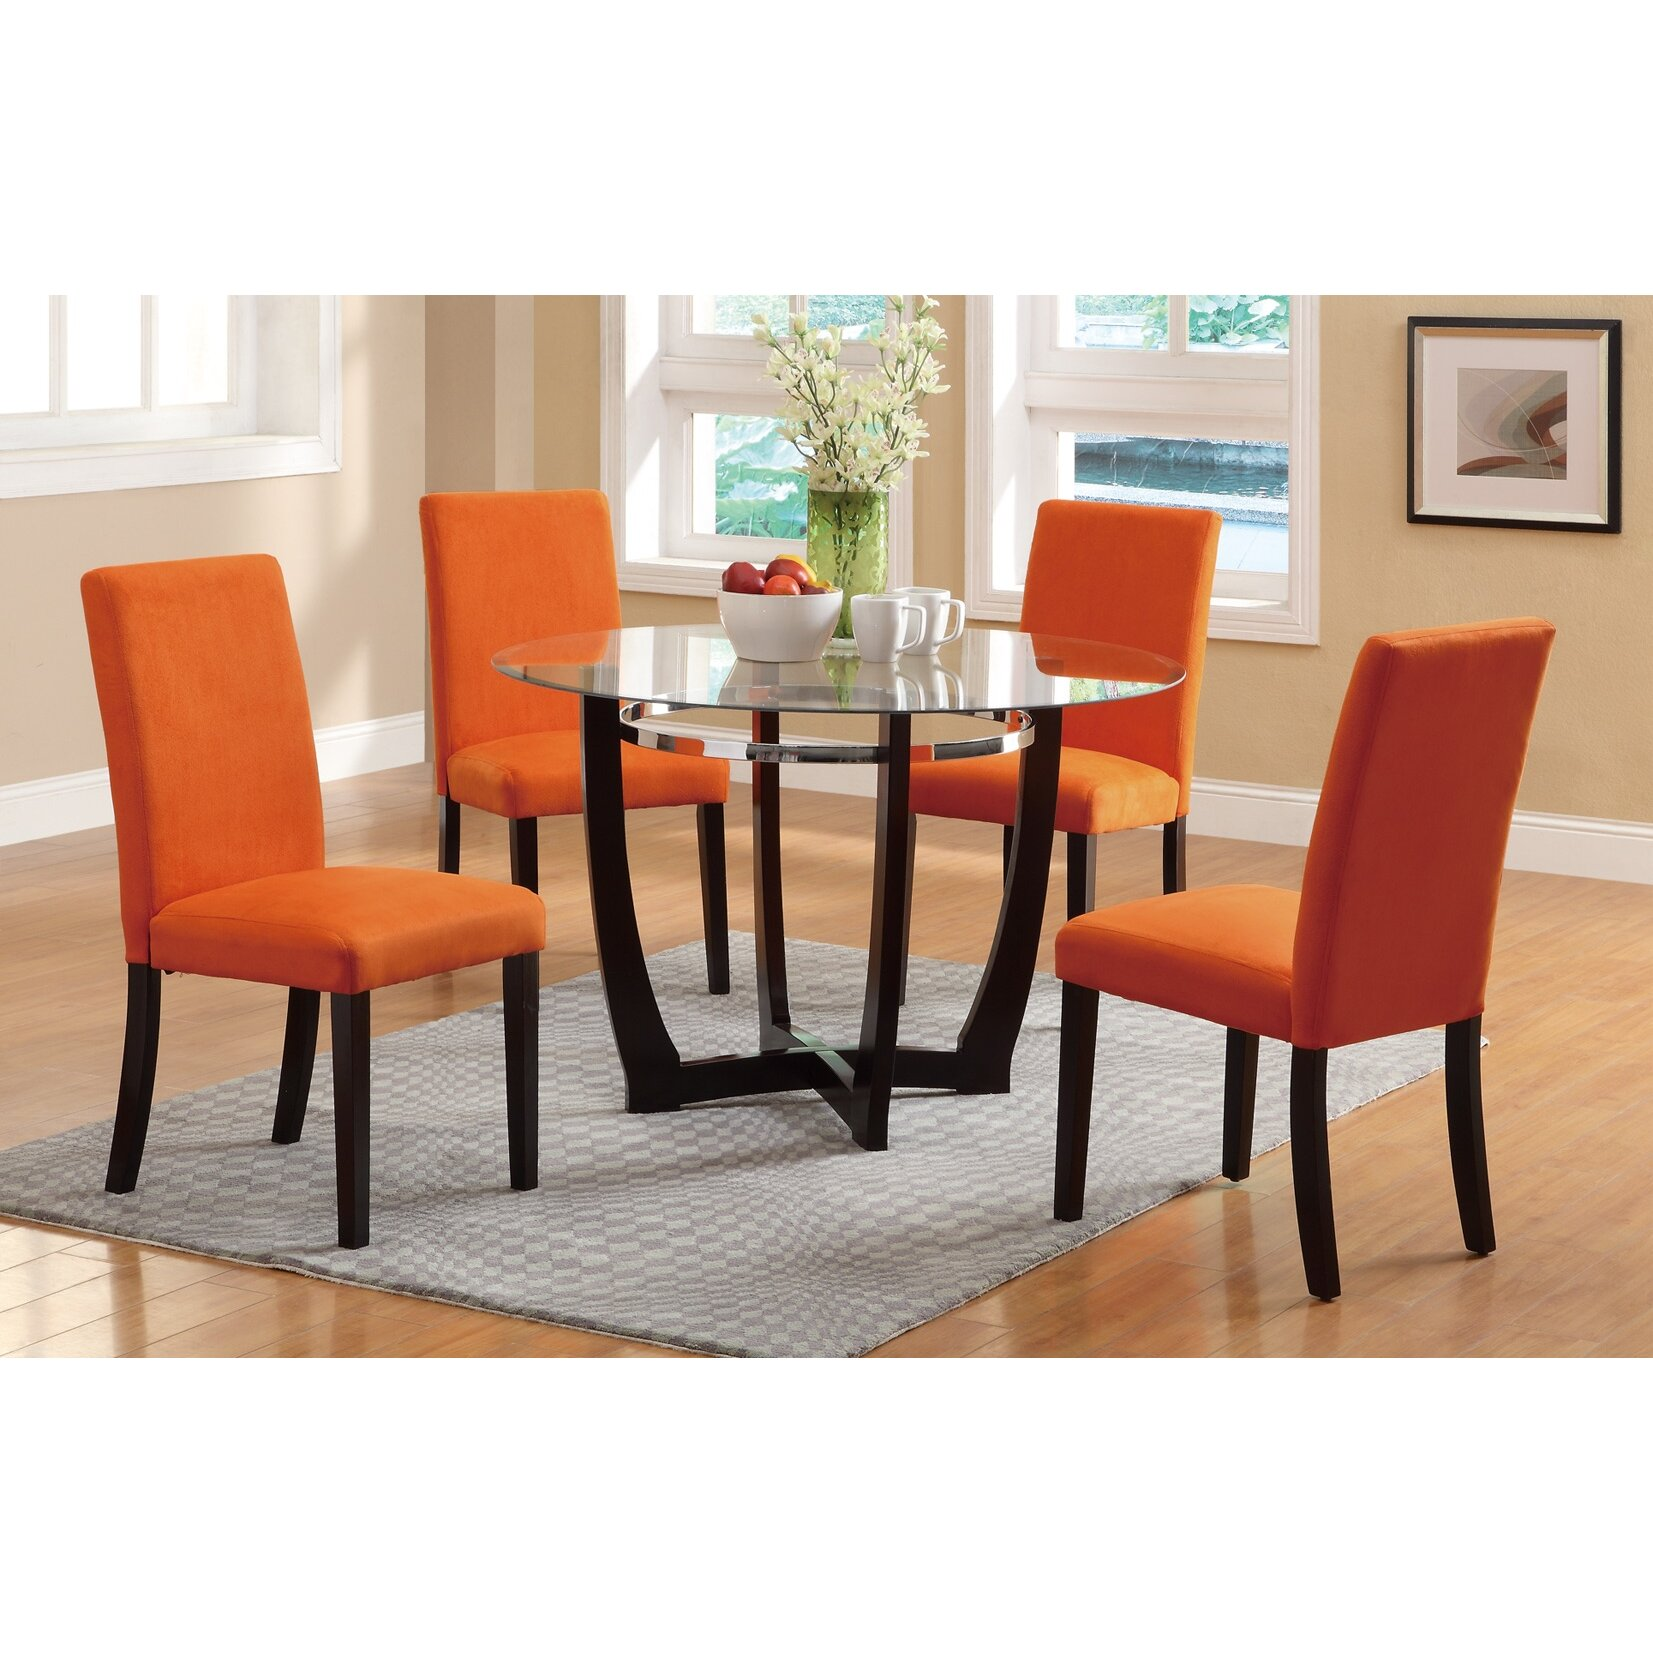 Infini furnishings 5 piece dining set reviews wayfair for Kitchen set orange